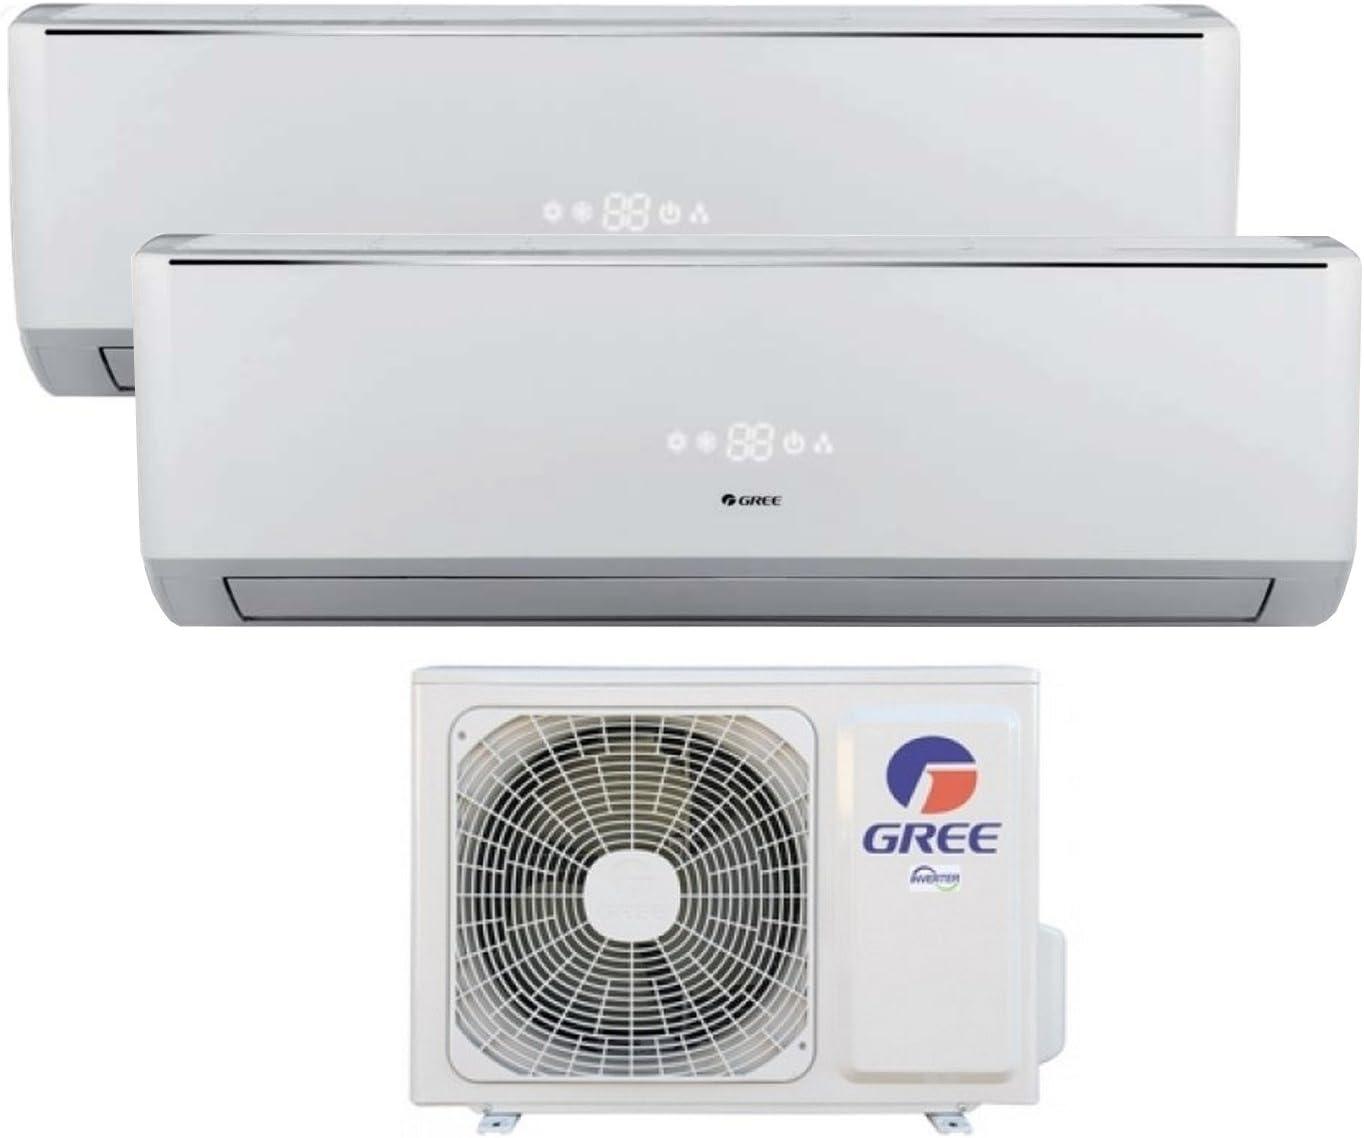 Duo Multi Split de aire acondicionado climática dispositivo Gree lomo Inverter 12000 + 12000 BTU: Amazon.es: Bricolaje y herramientas